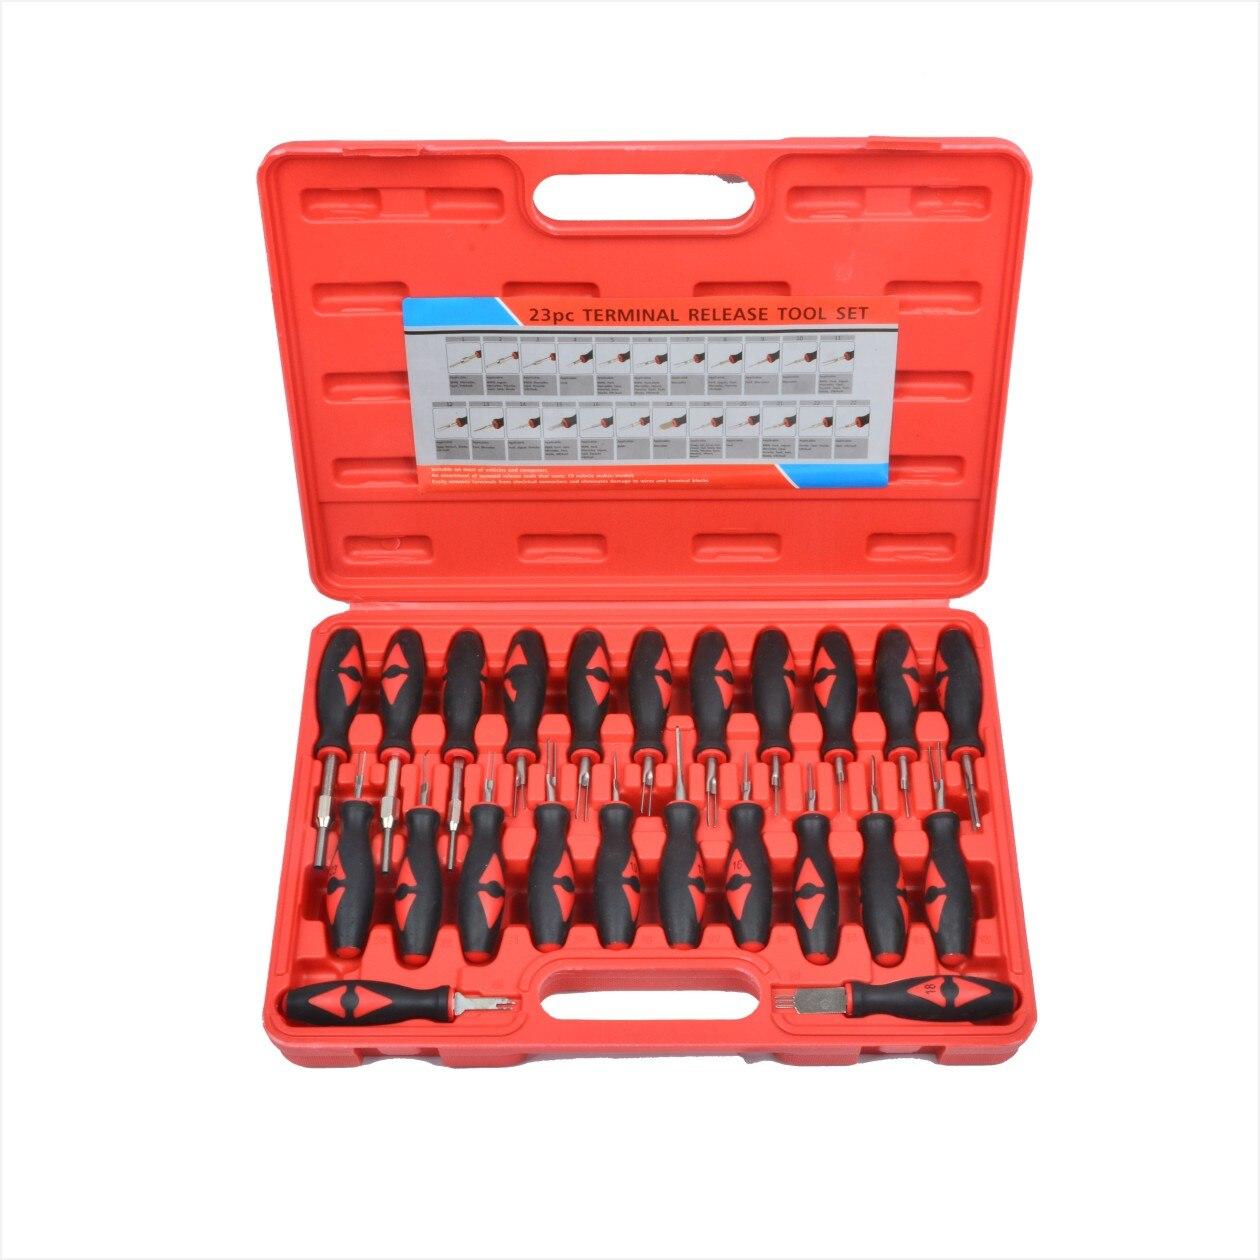 23 pièces voiture universel Terminal enlèvement outils Set automobile câblage connecteur sertissage Pin extracteur pour BMW Ford VW